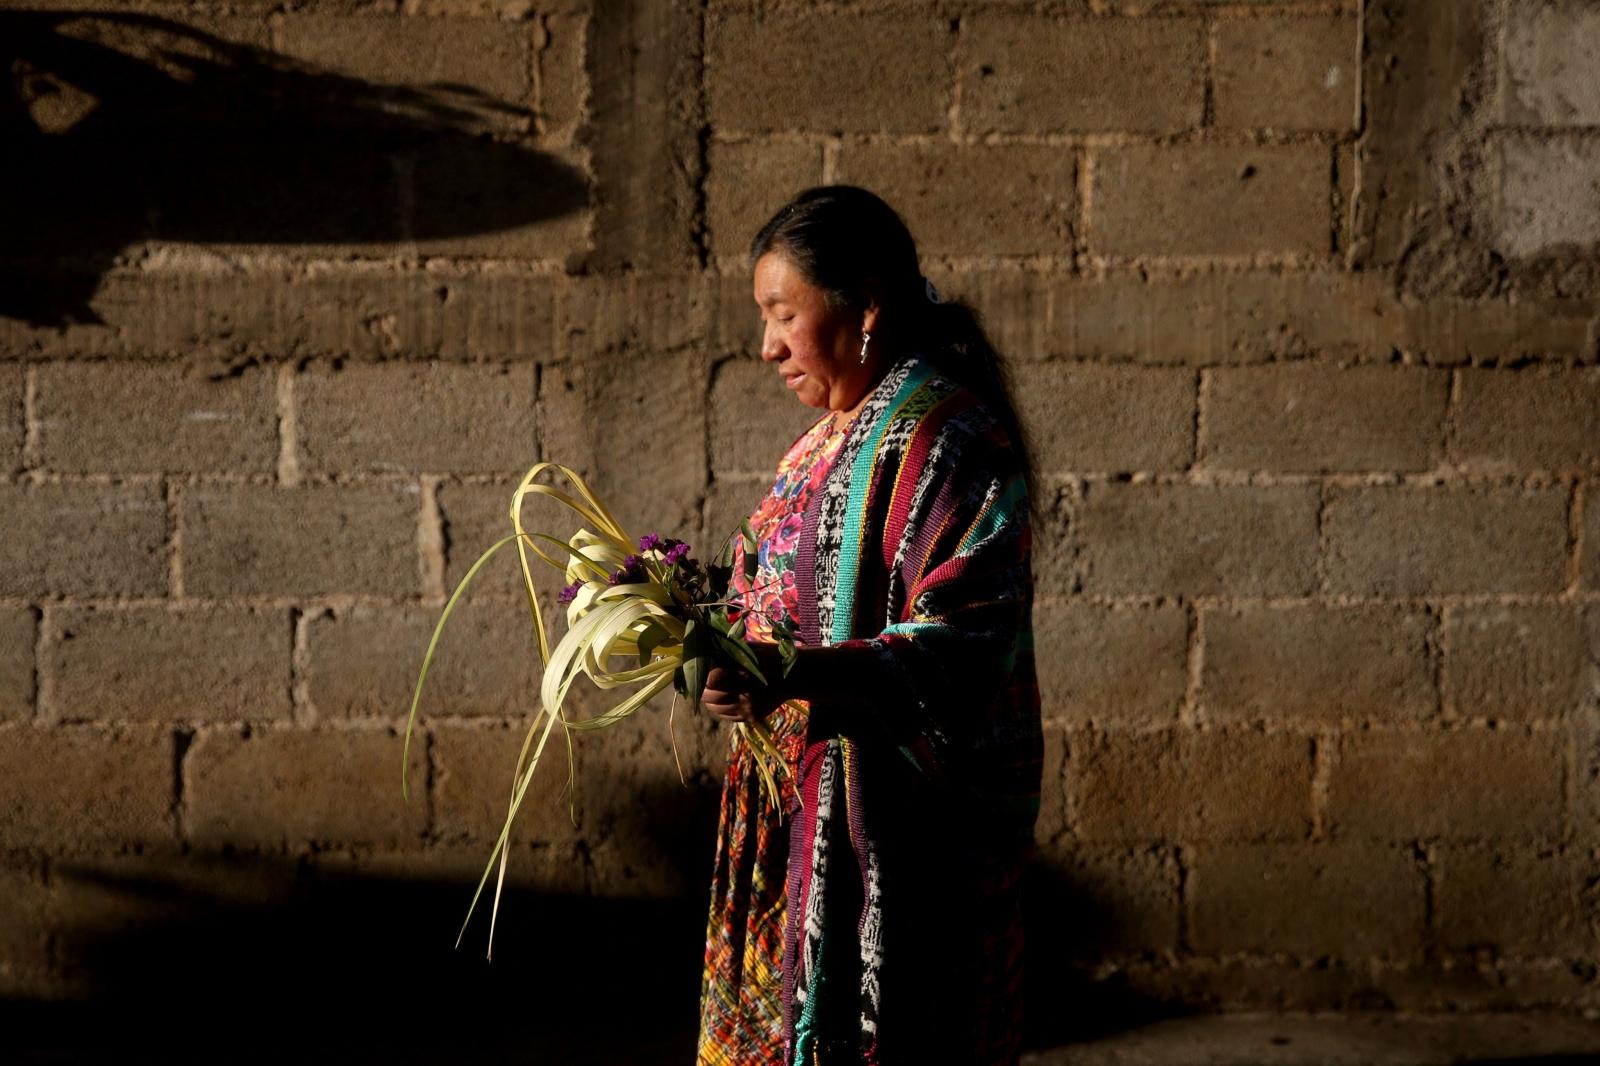 Kobieta bierze udział w obchodach Niedzieli Palmowej w San Pedro Sacatepequez, Honduras.